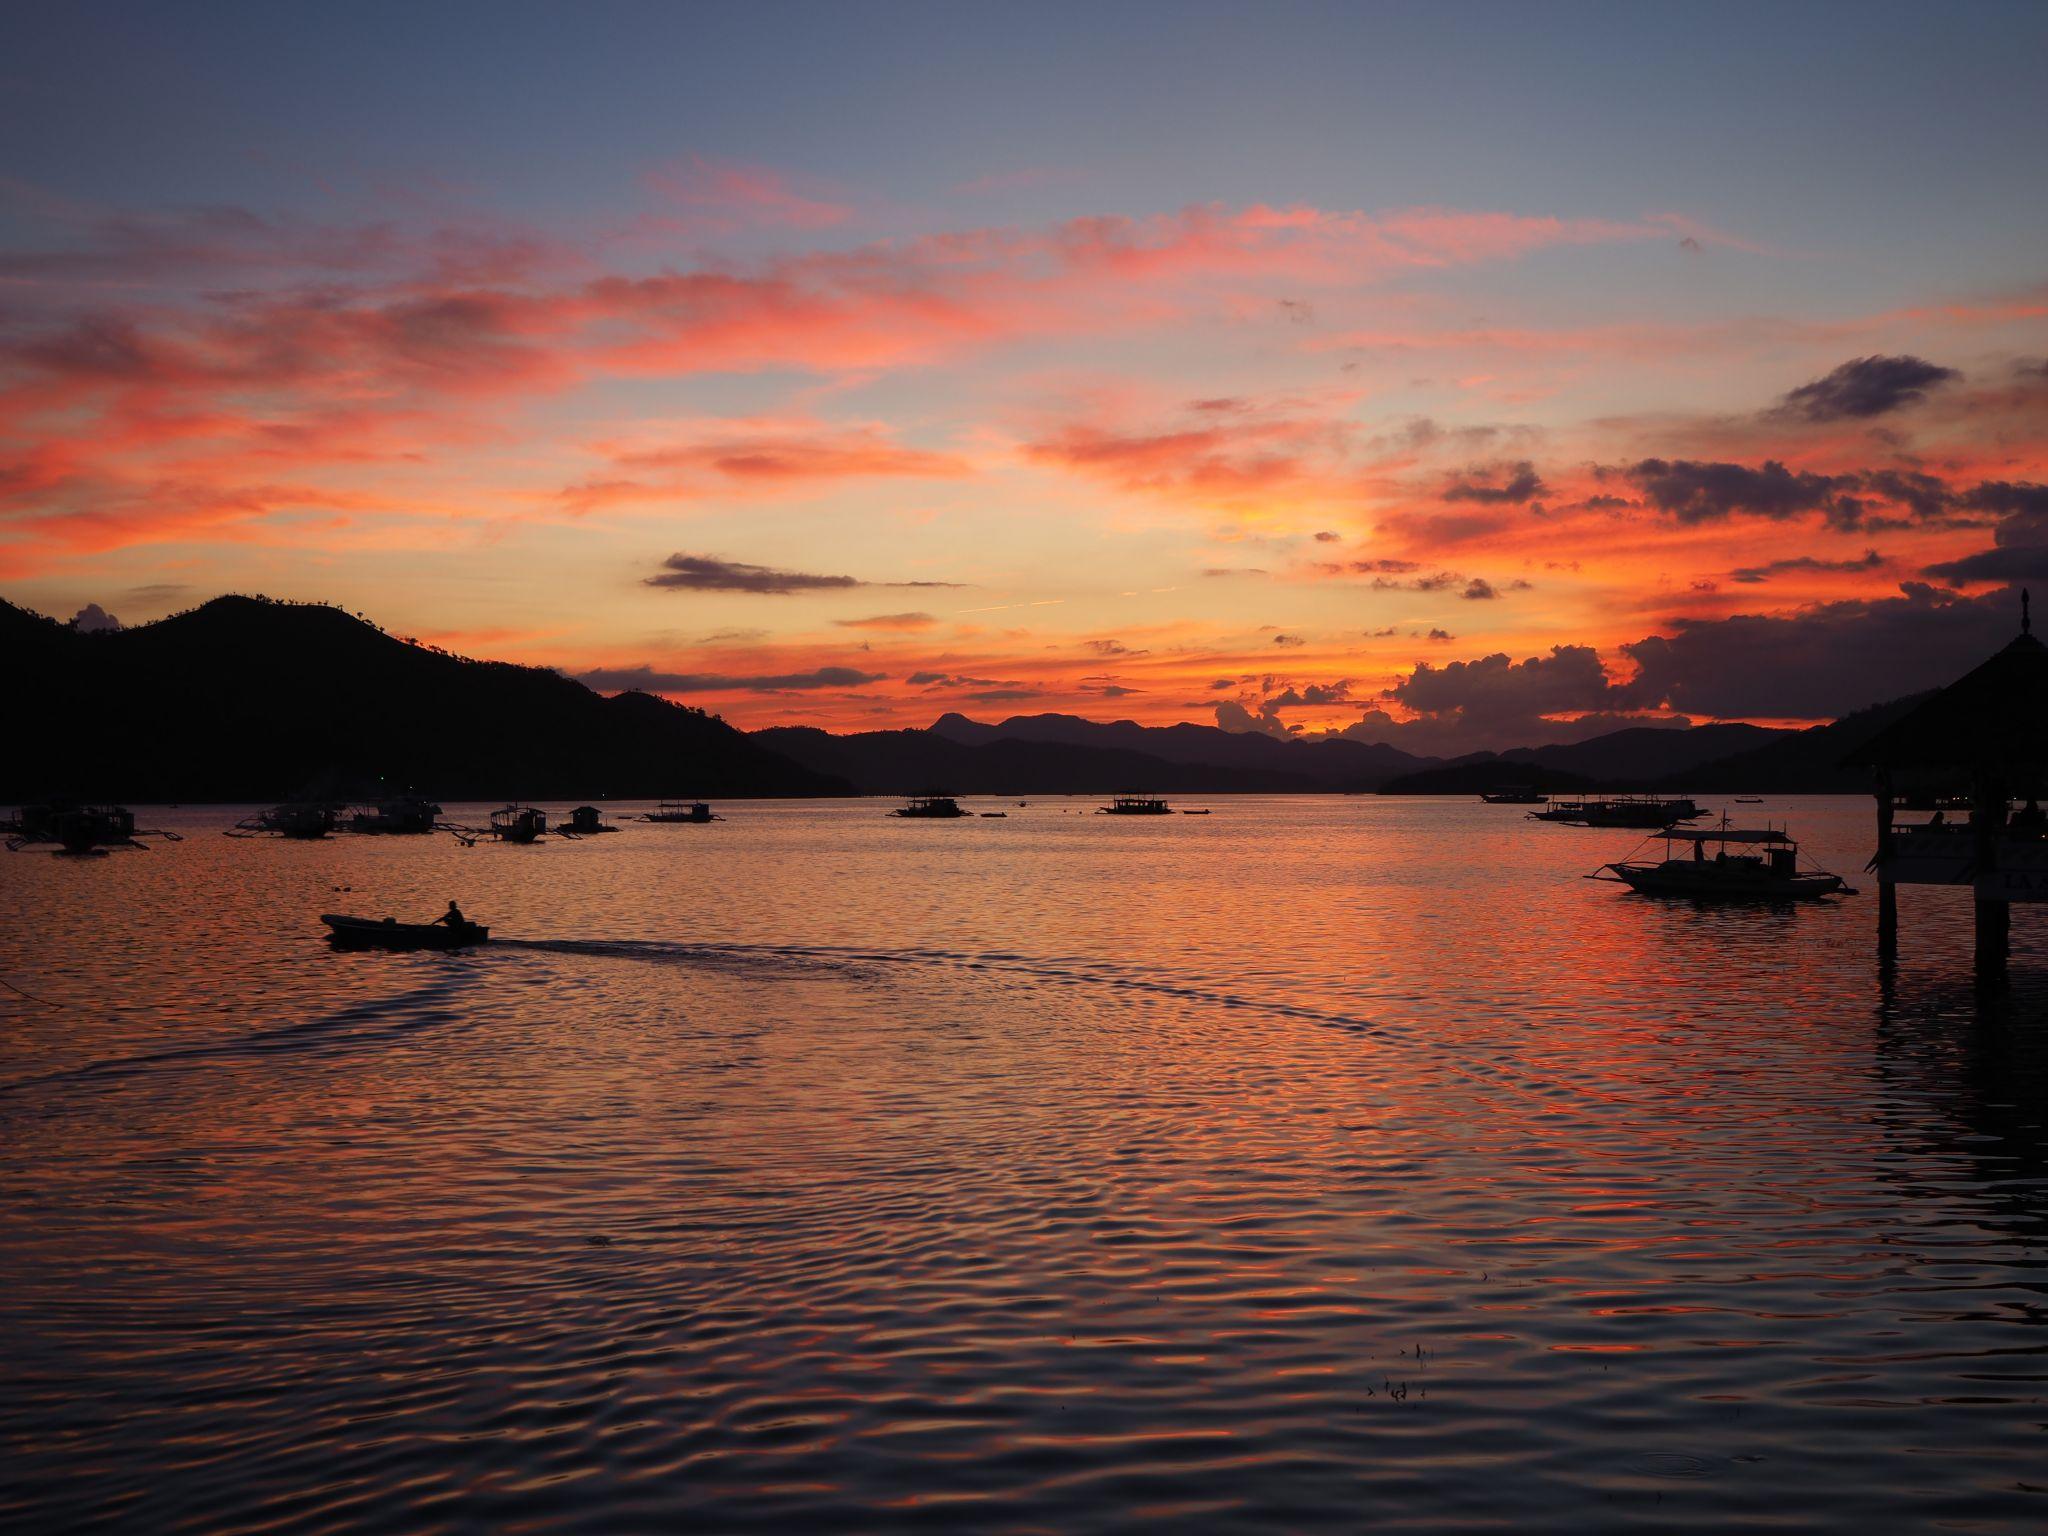 Sunset Coron, Philippines